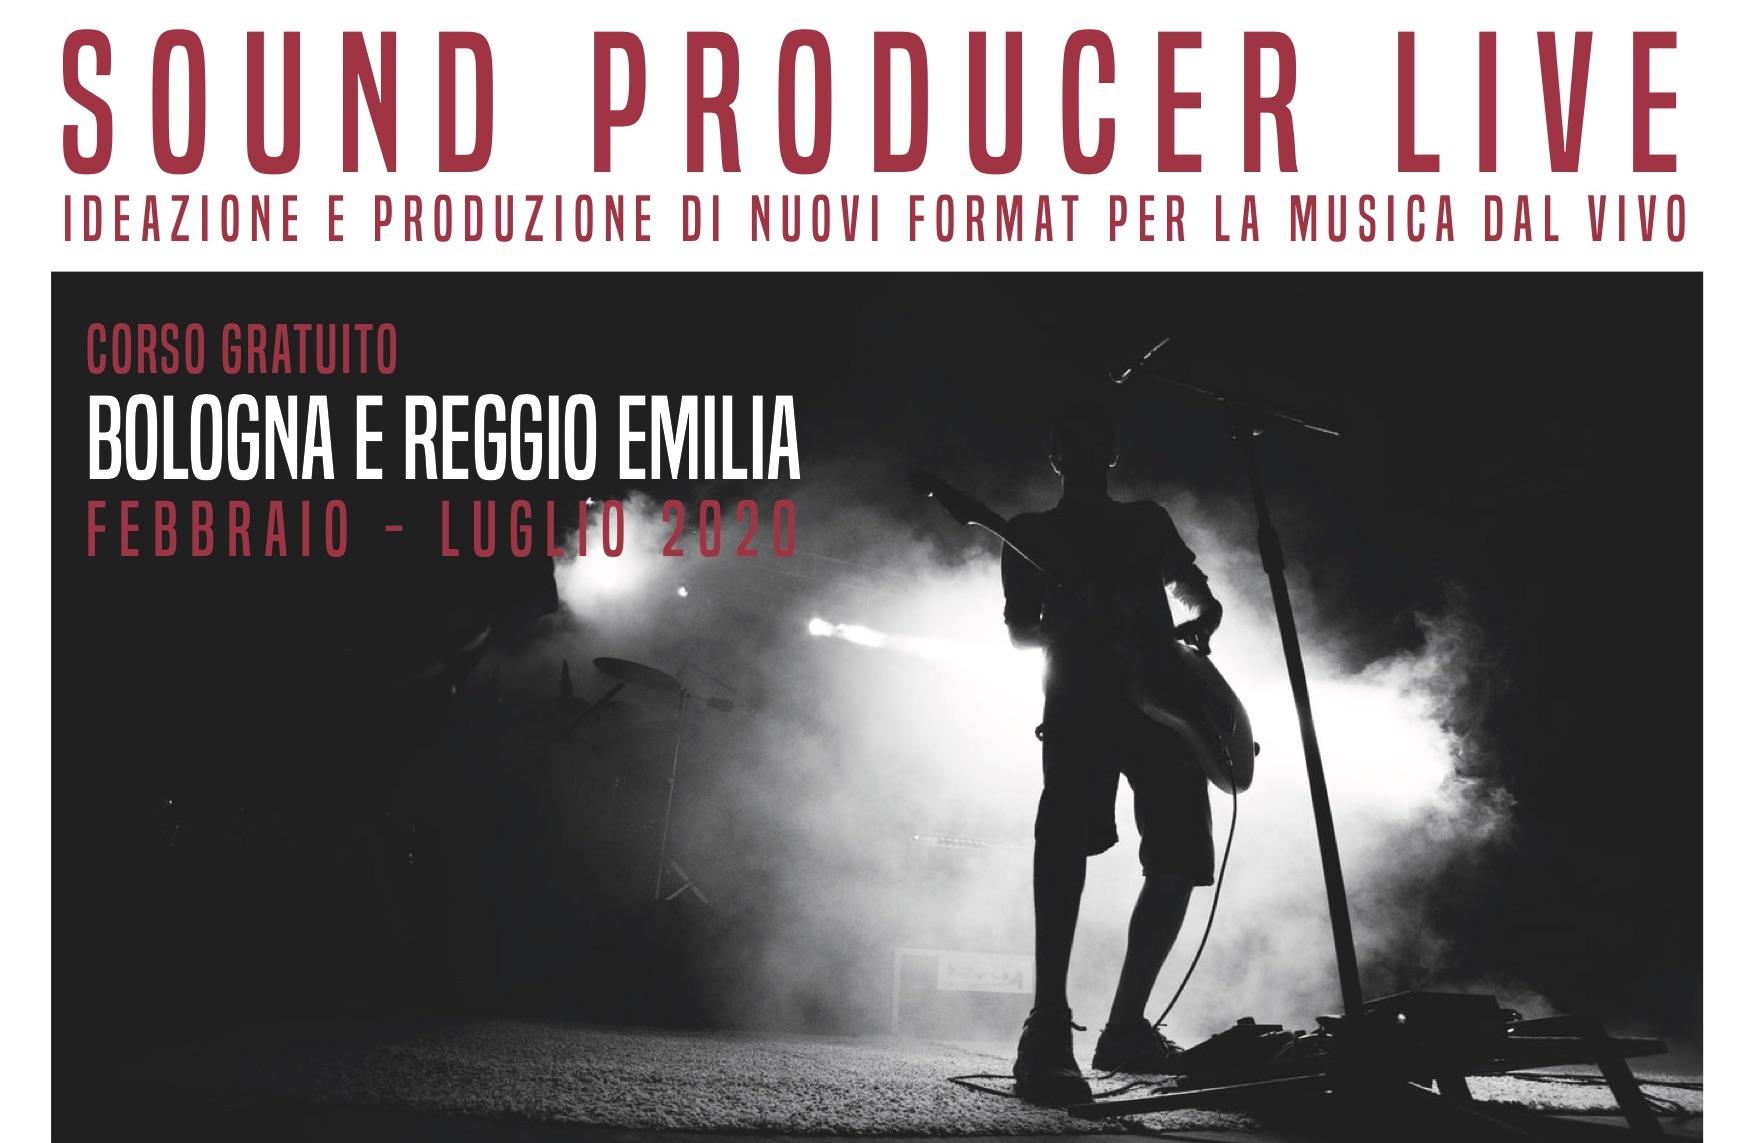 Sound Producer Live: aperte le iscrizioni per il corso promosso da Demetra Formazione